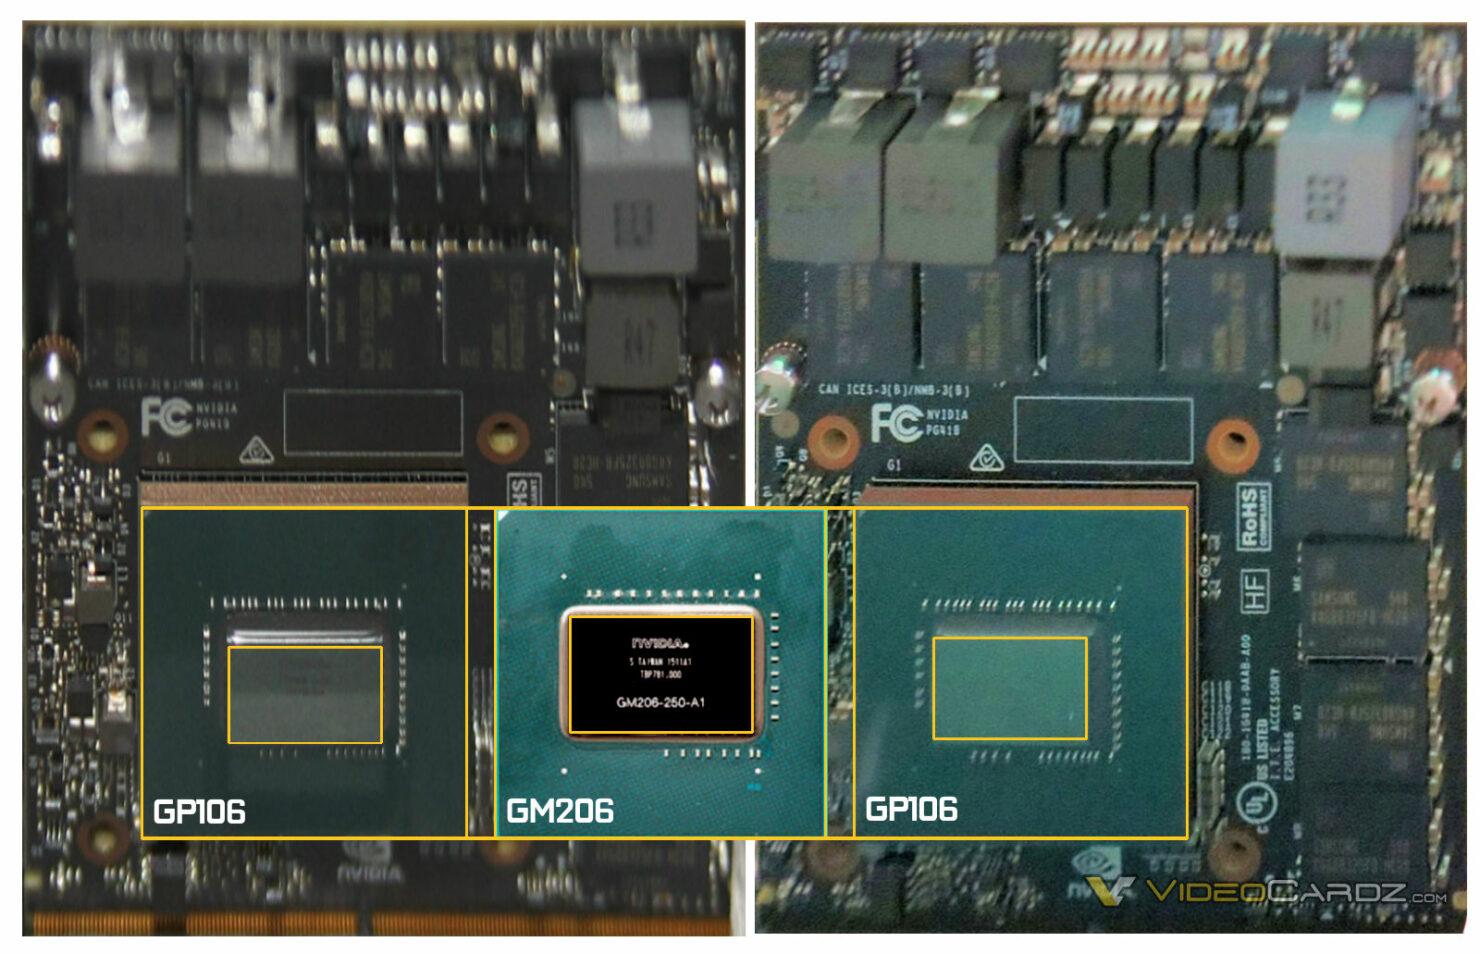 nvidia-pascal-gp106-gpu